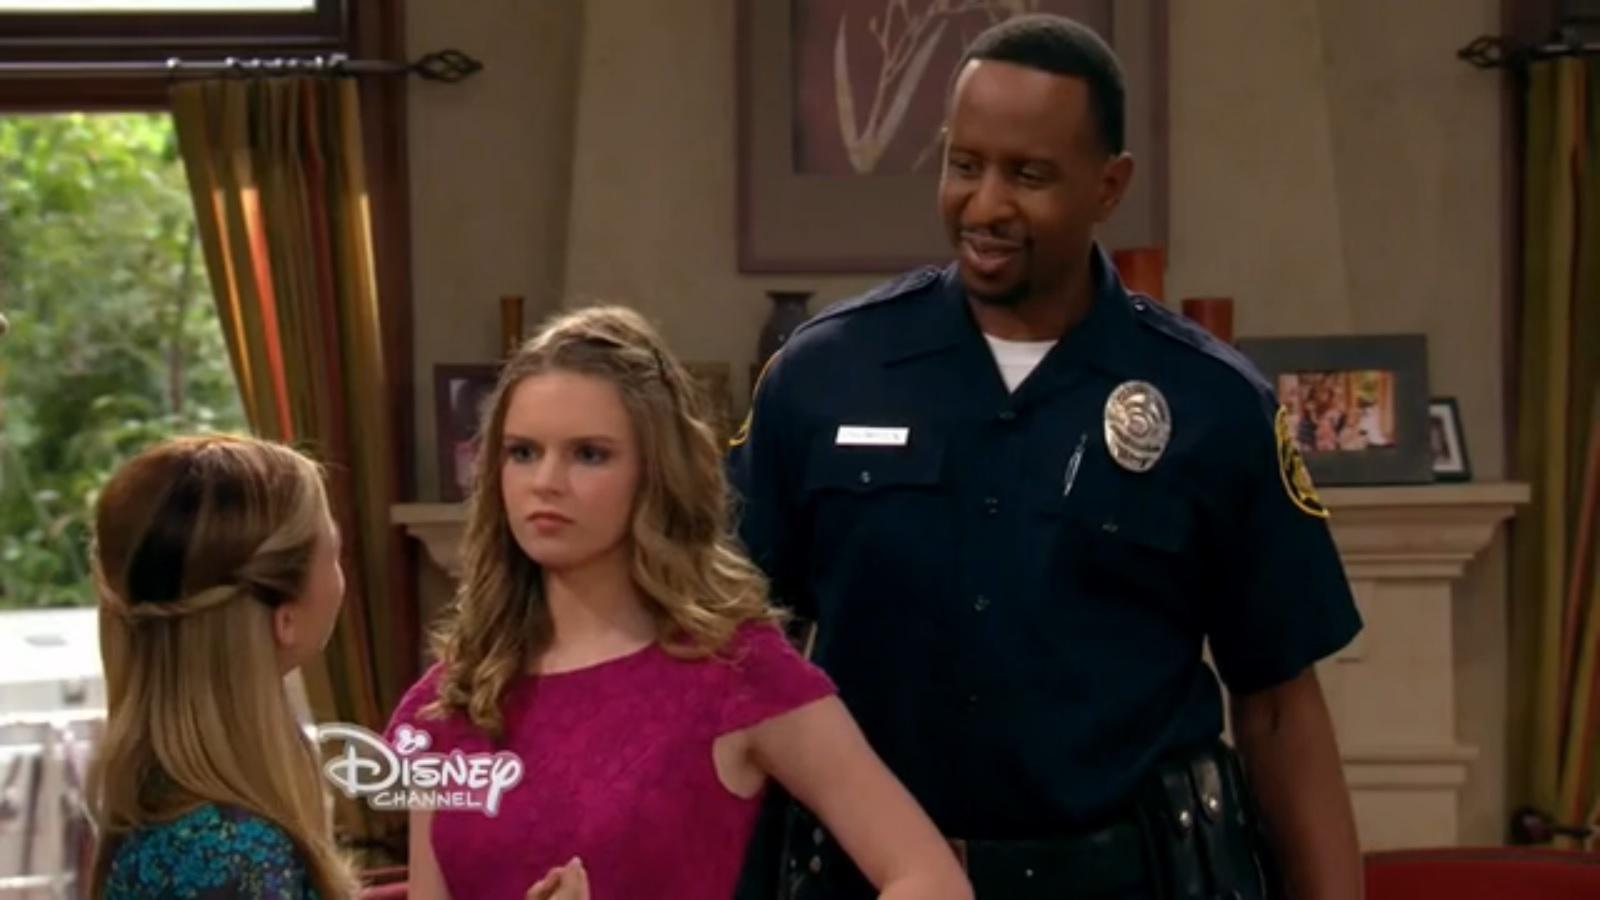 Officer Thompson